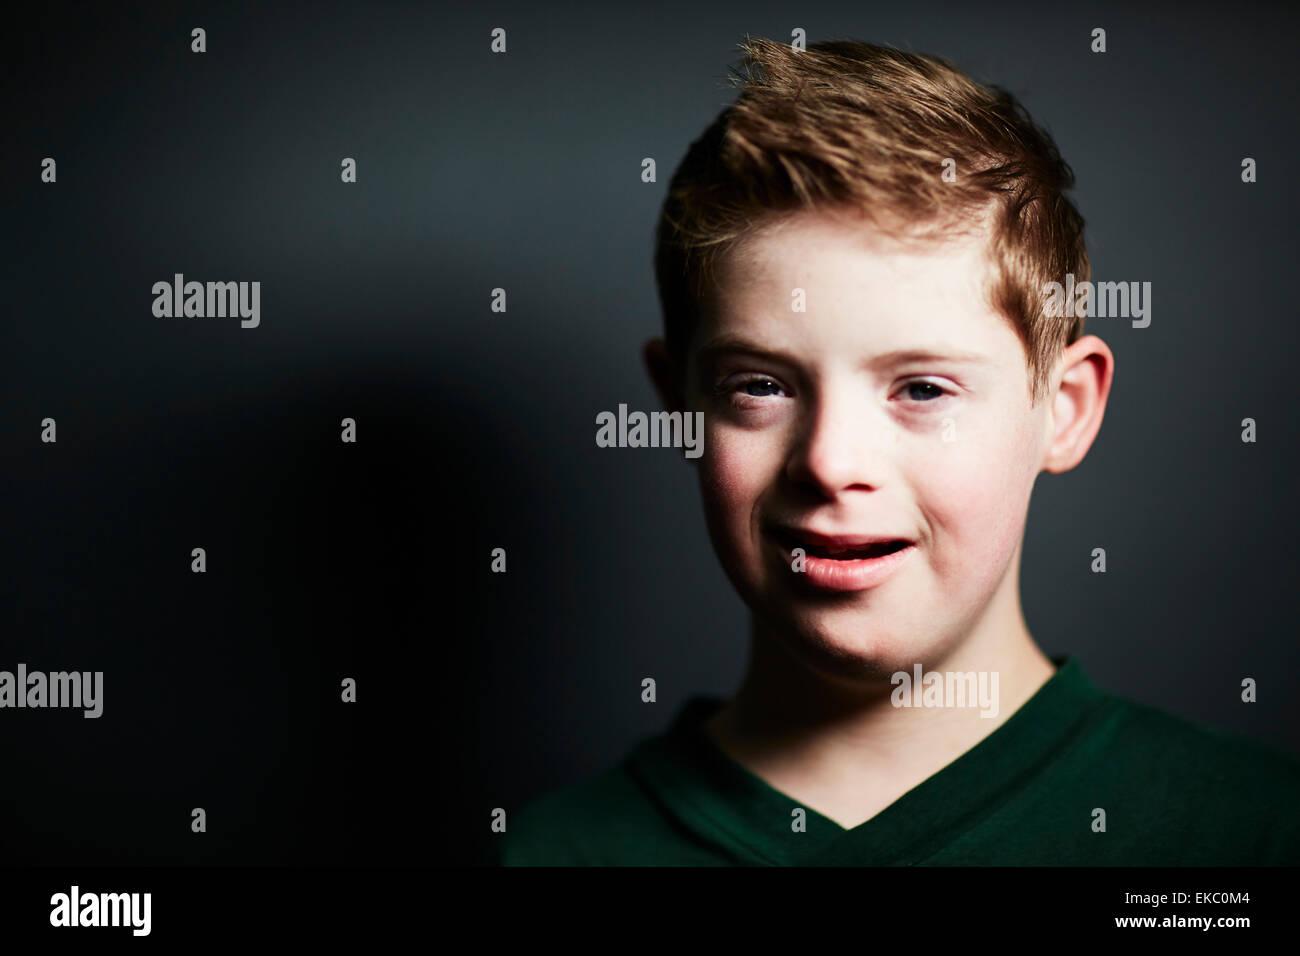 Boy looking at camera - Stock Image